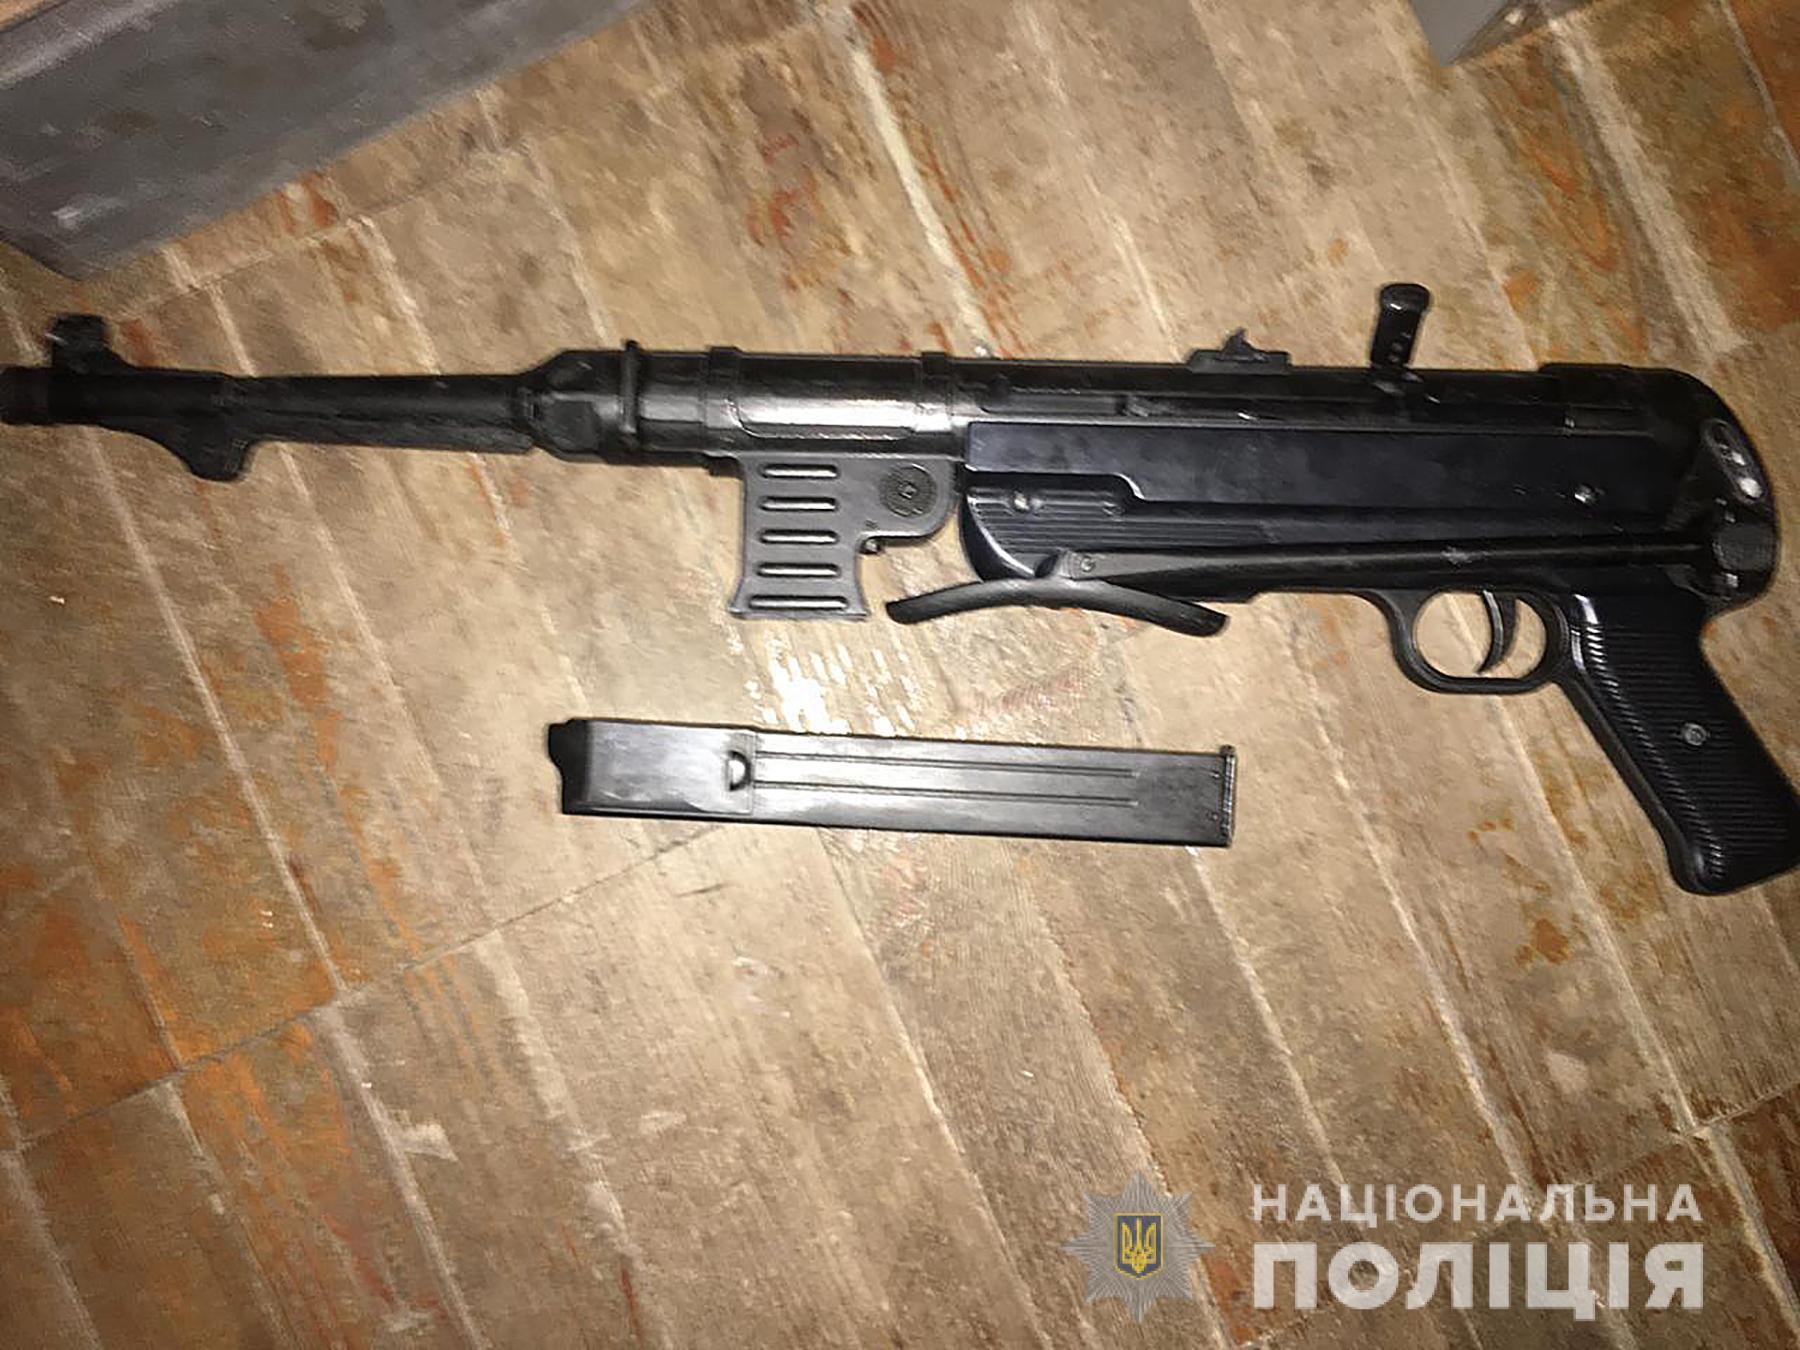 """В Бердянске бывший АТОшник стрелял по площадке с детьми: дома у стрелка нашли много """"интересного"""""""